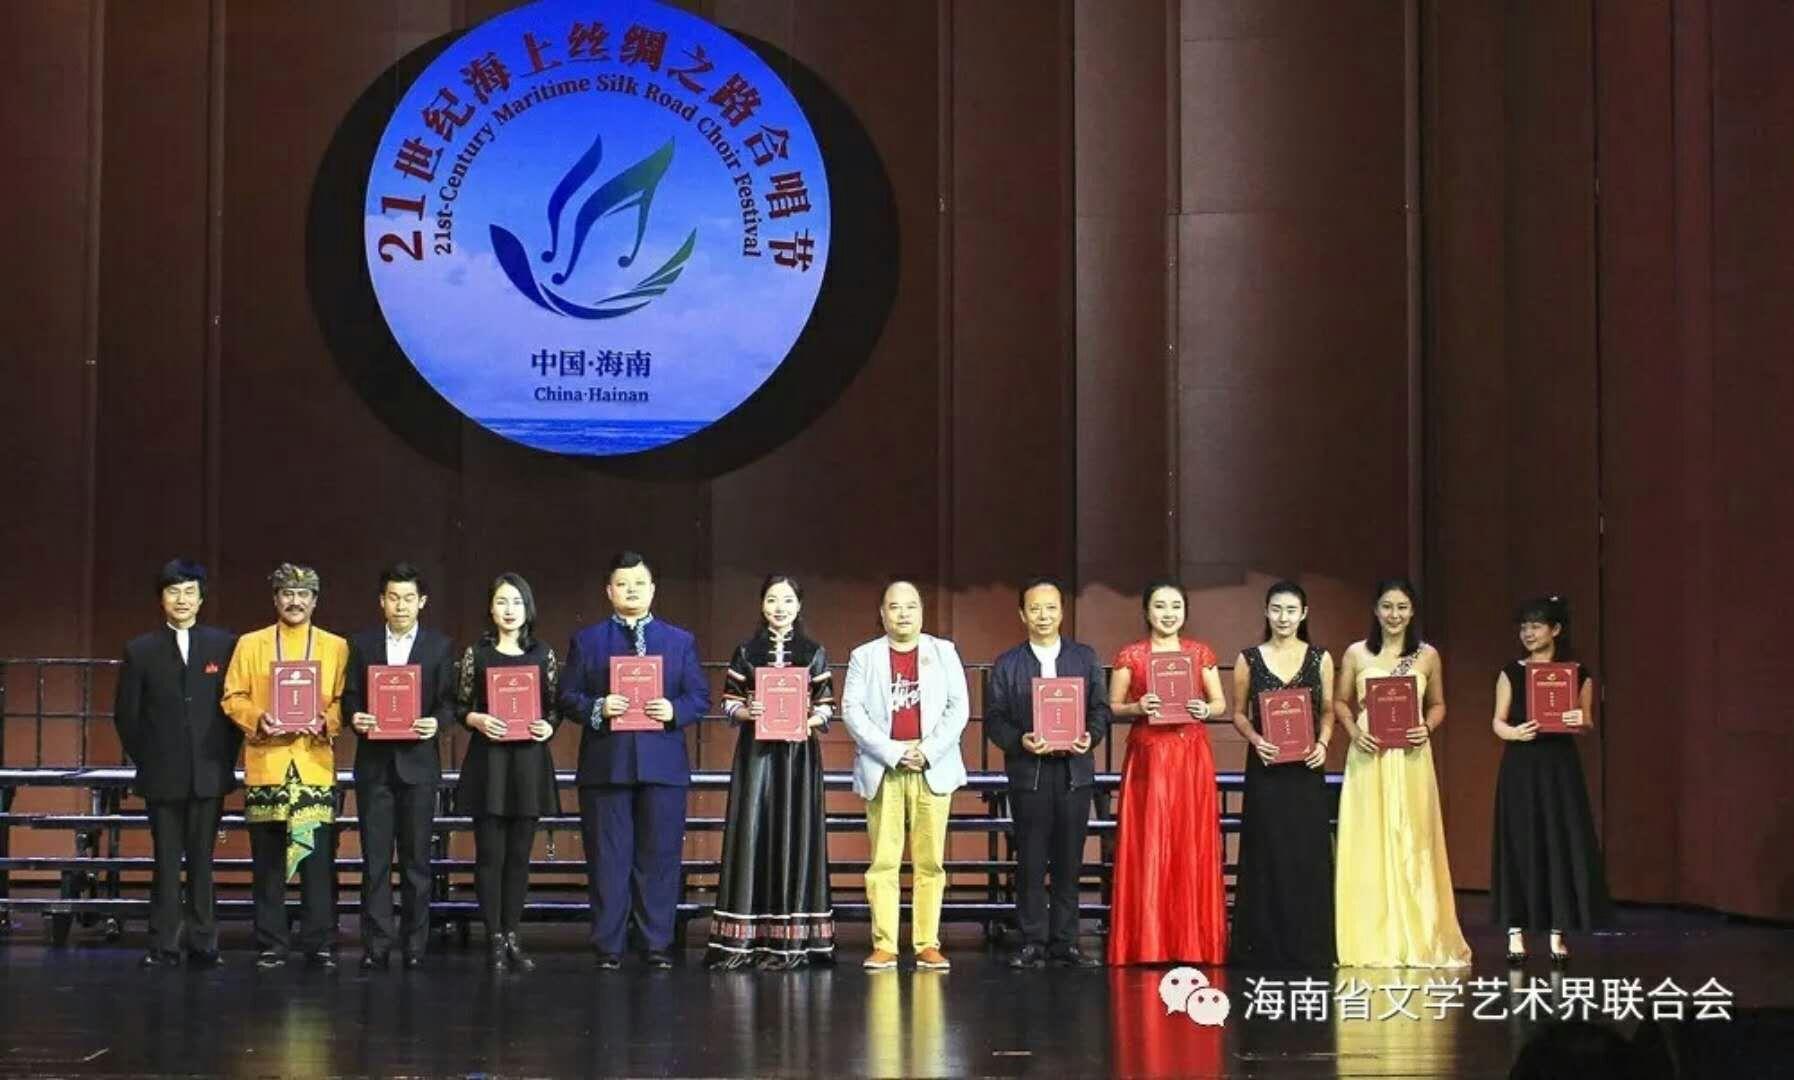 音乐学院蓝韵合唱团在2017海南合唱节获得金奖